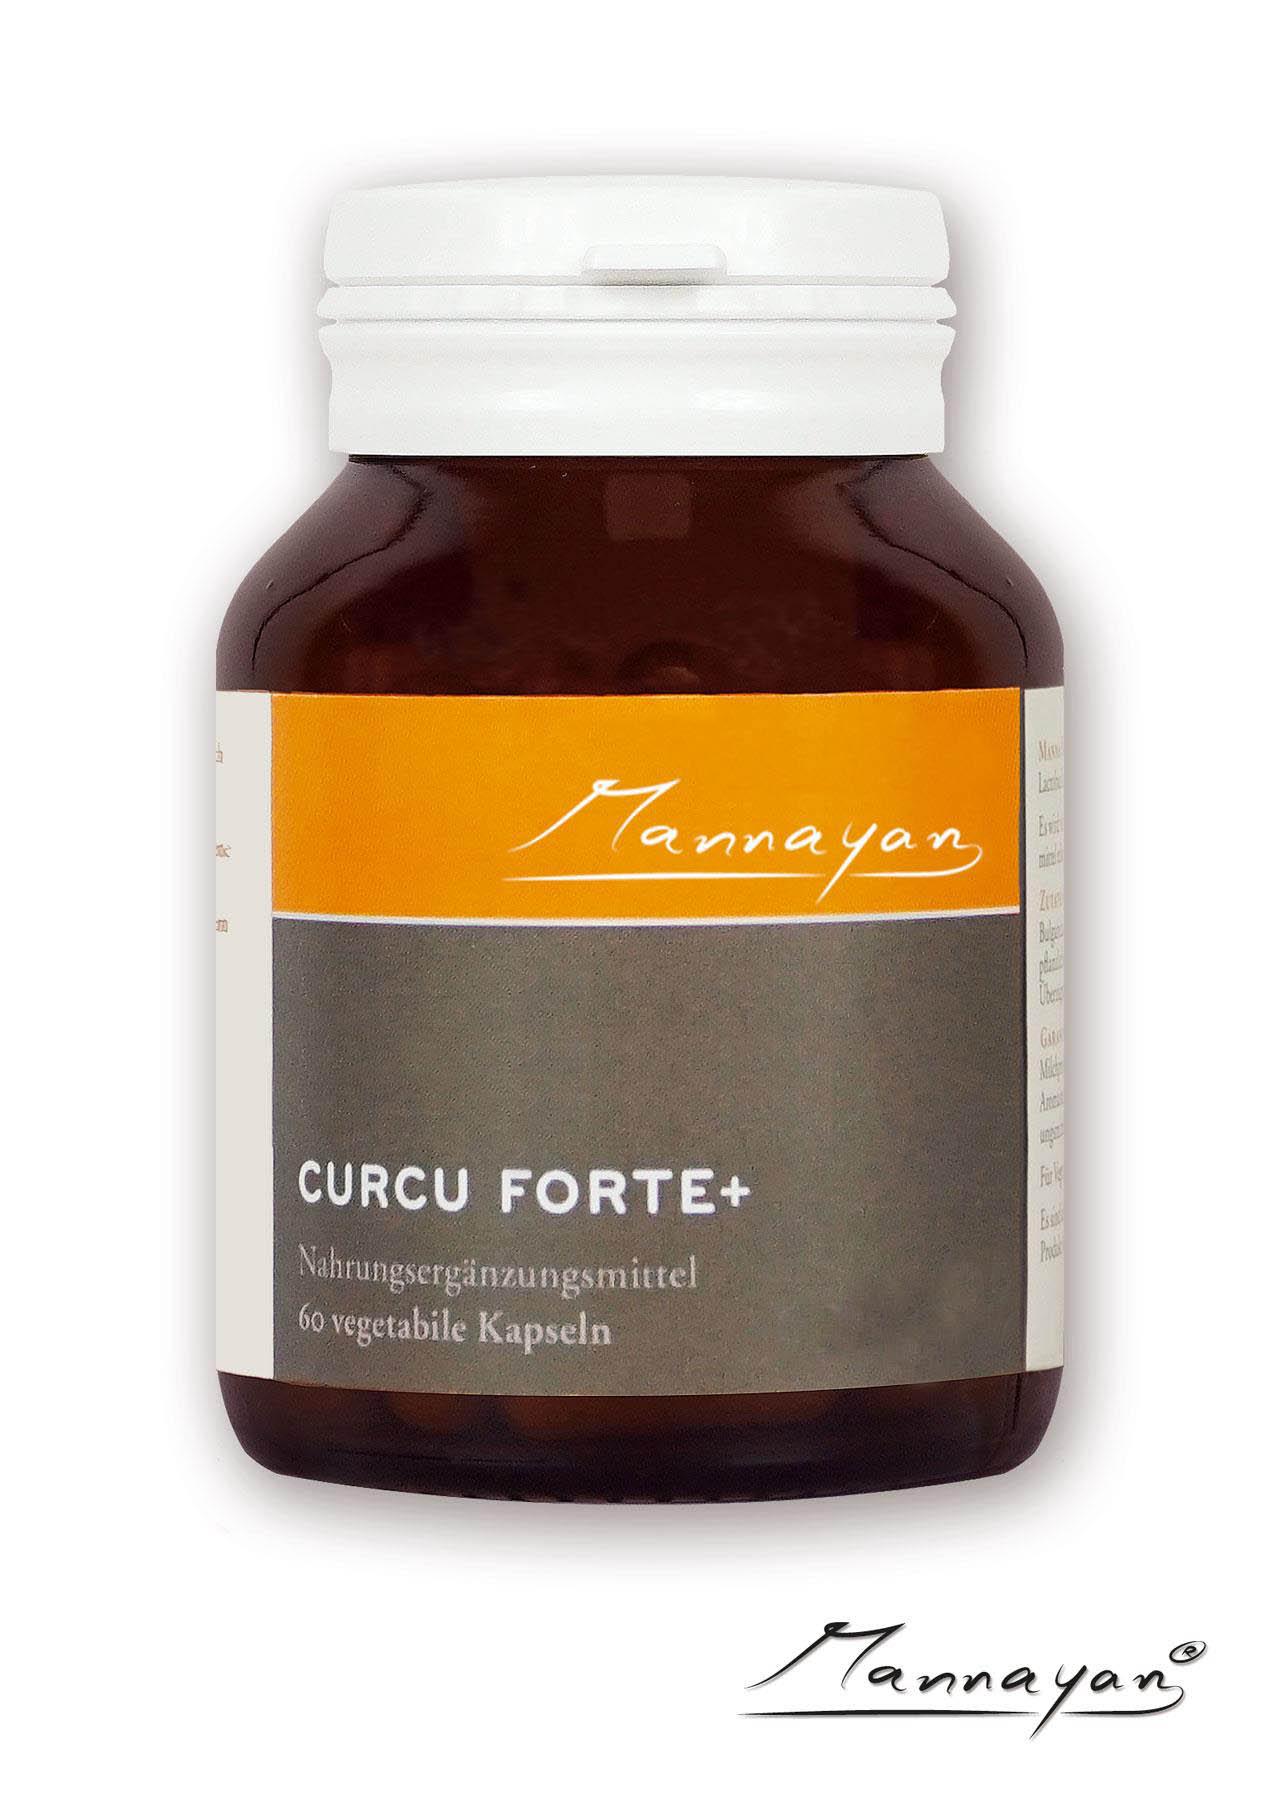 CurcuForte+ von Mannayan